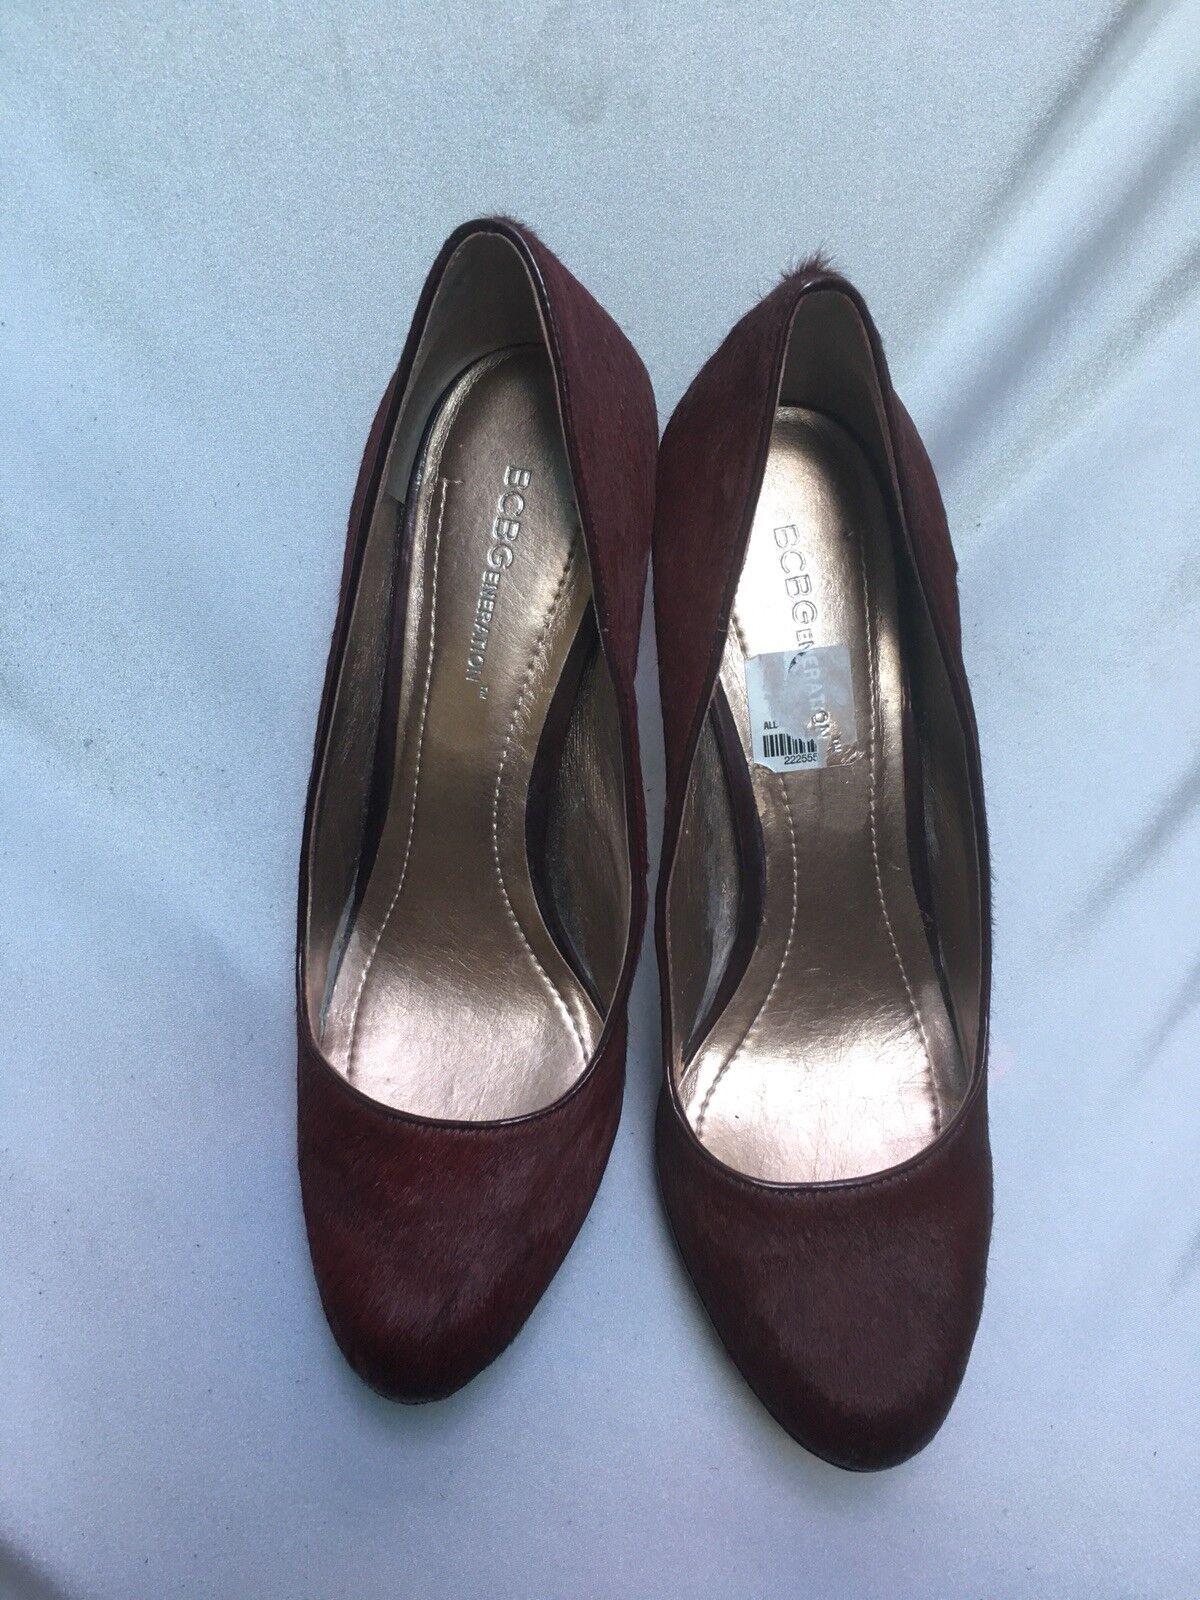 BCBG Women's Burgundy Calf Hair High Heel  Pumps Size 9B 39